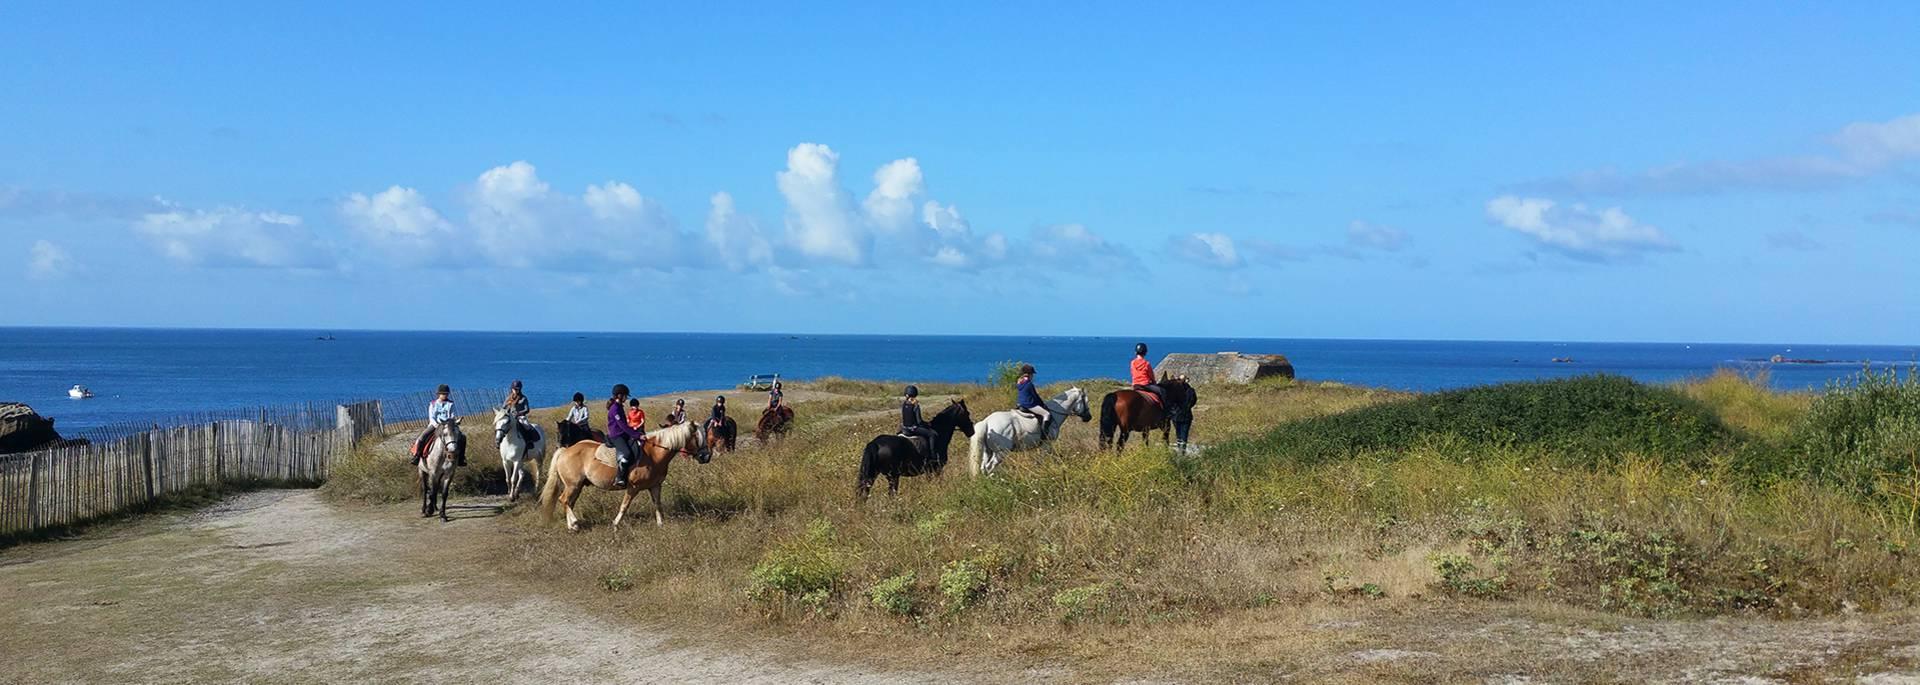 Horse riding in Pays Bigouden © E Cléret